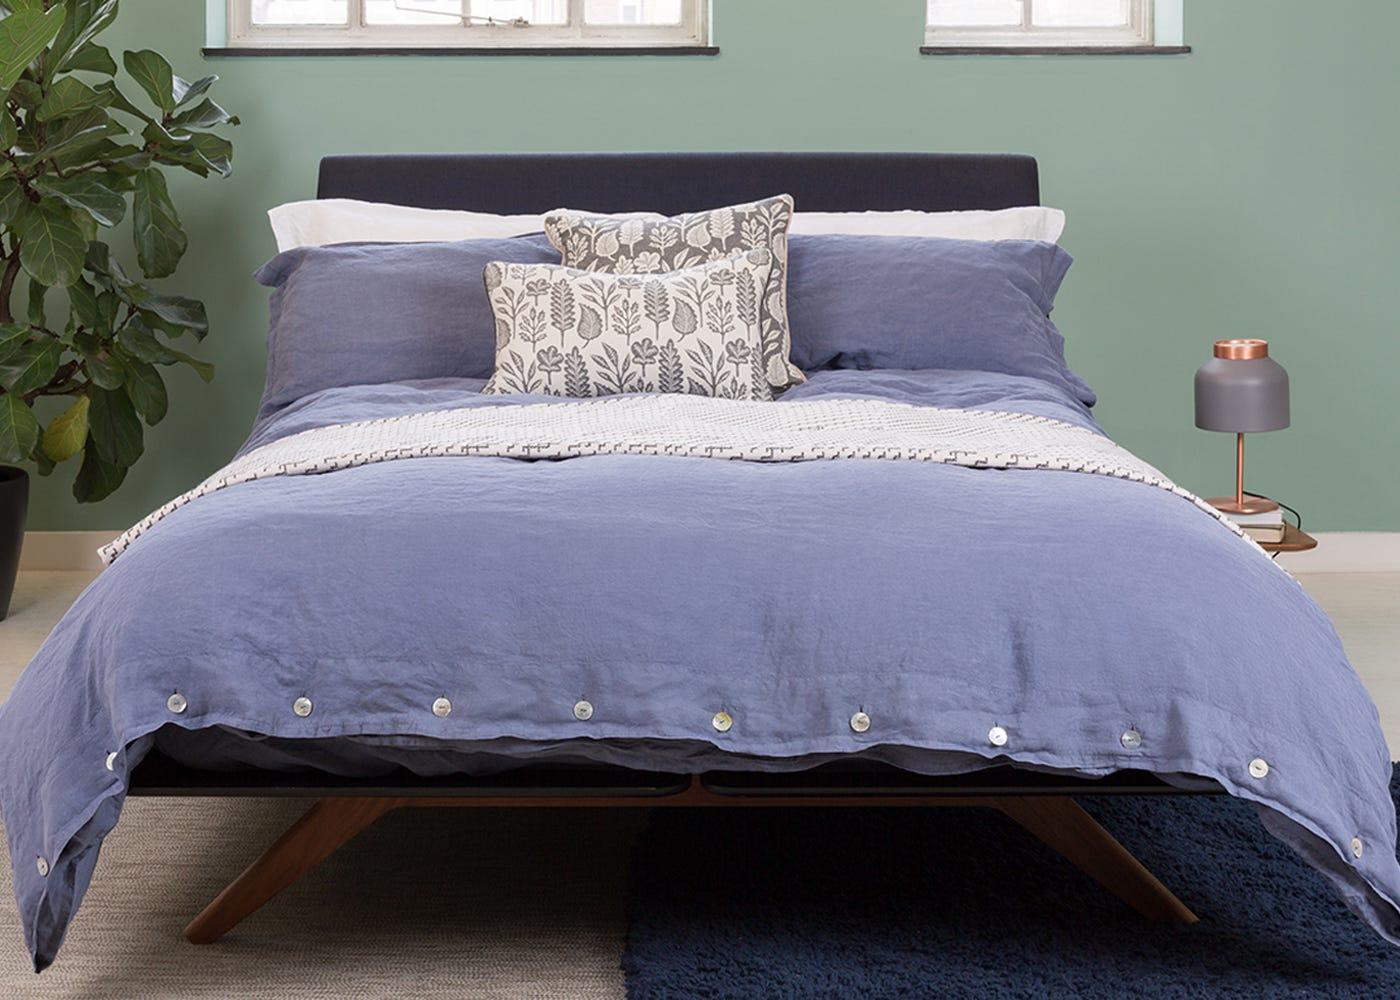 100 bedding linen christy snowflower bed linen christy popular green bed linen buy cheap - Green pixel bedding ...